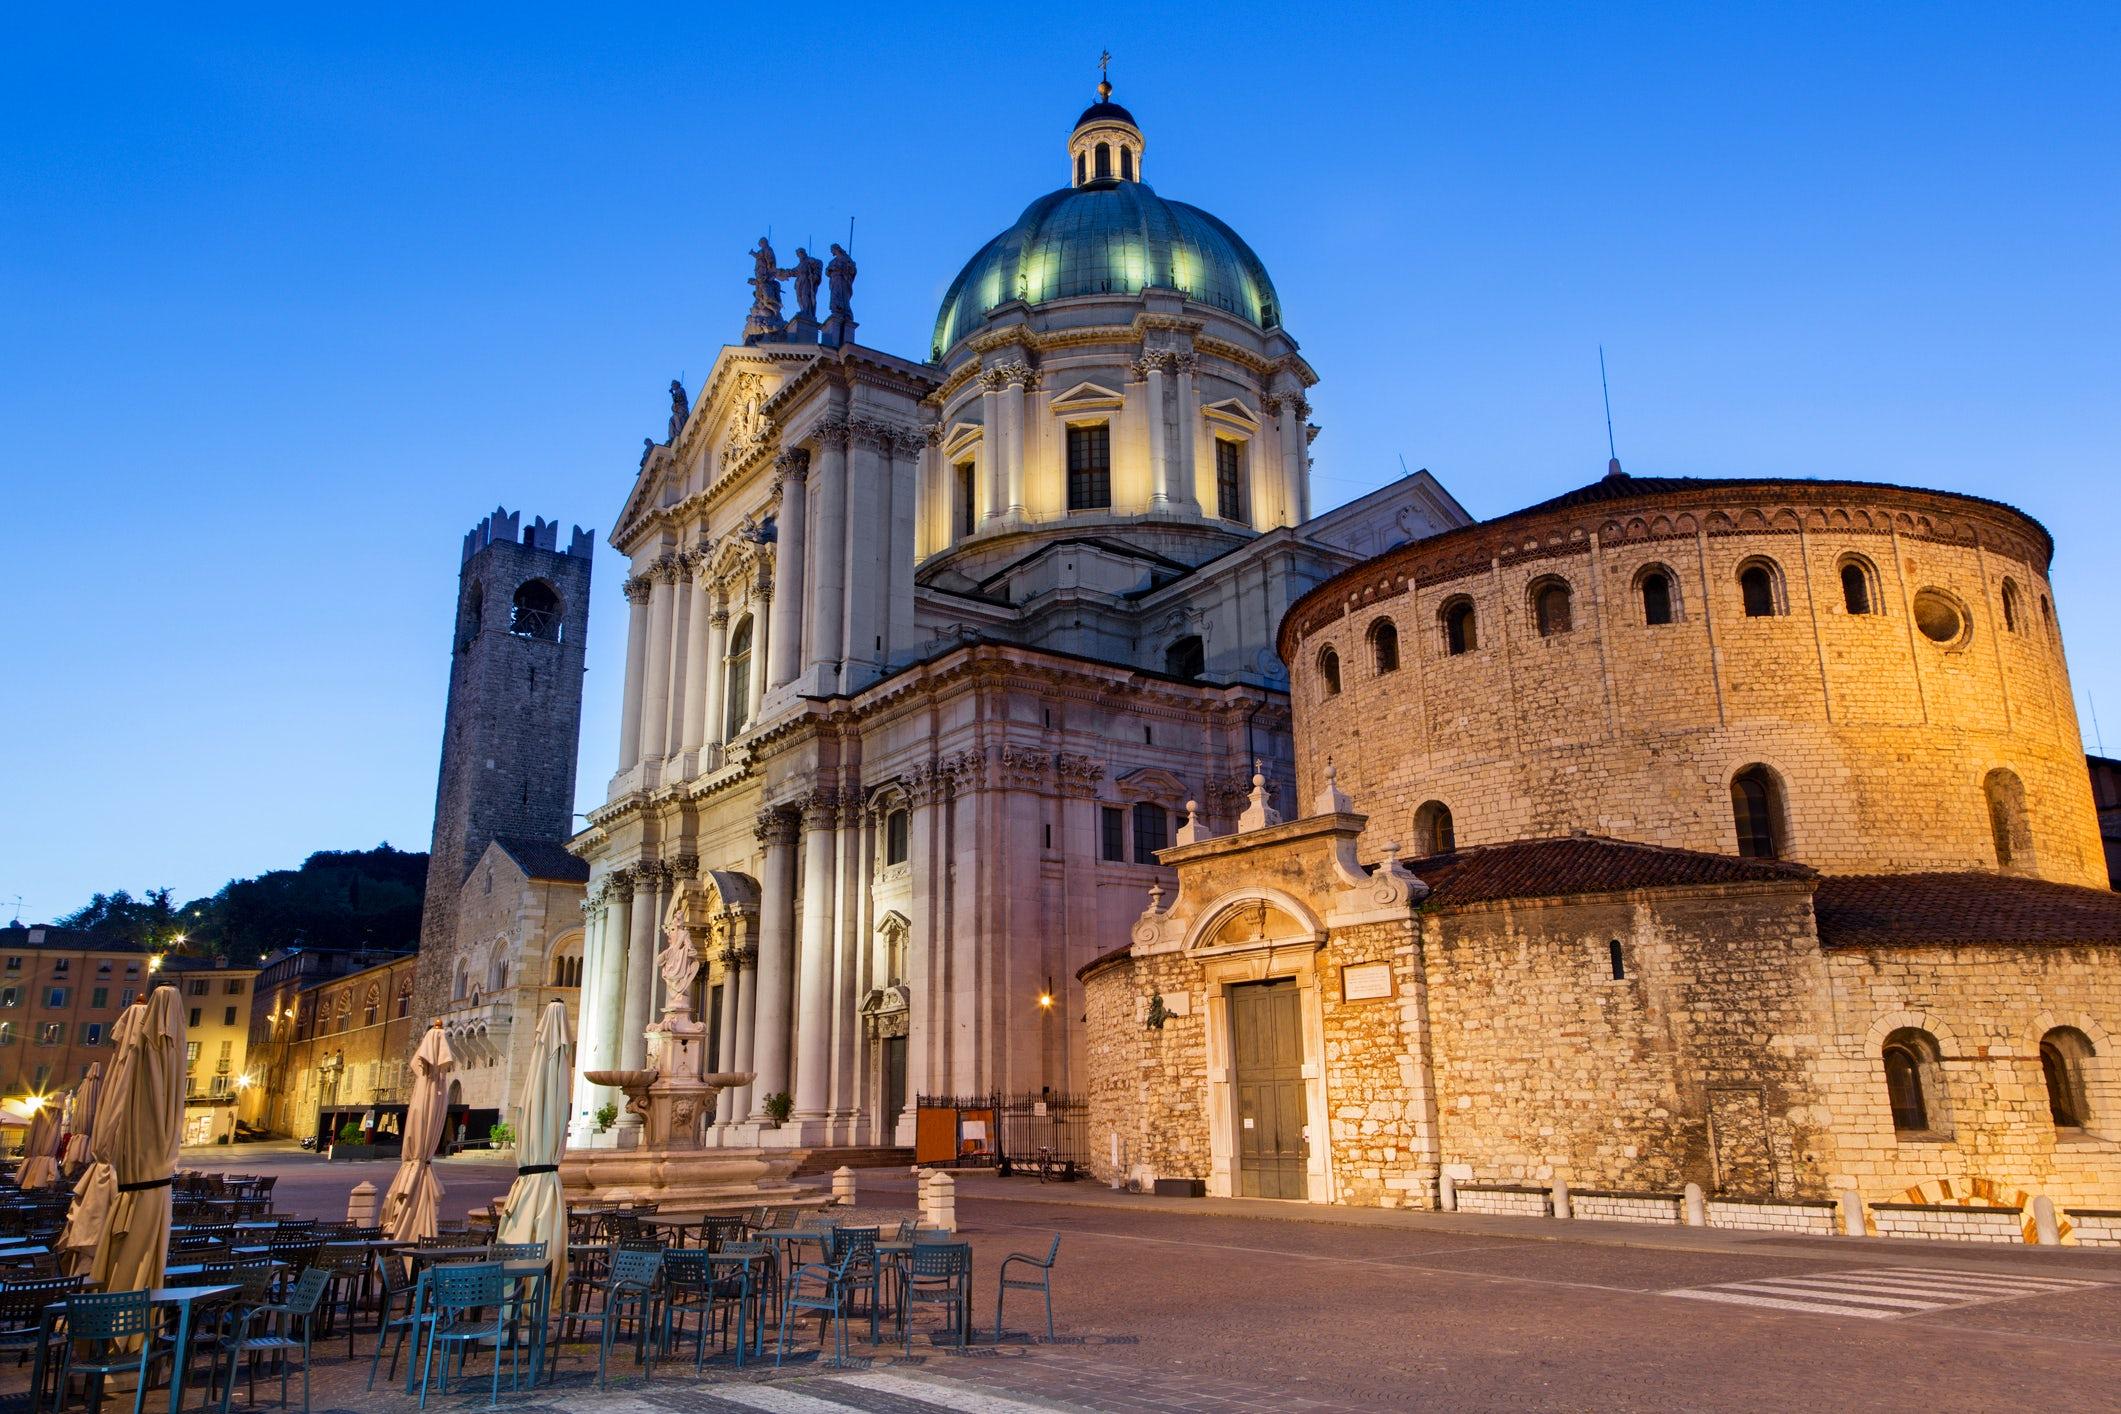 New Cathedral, Brescia